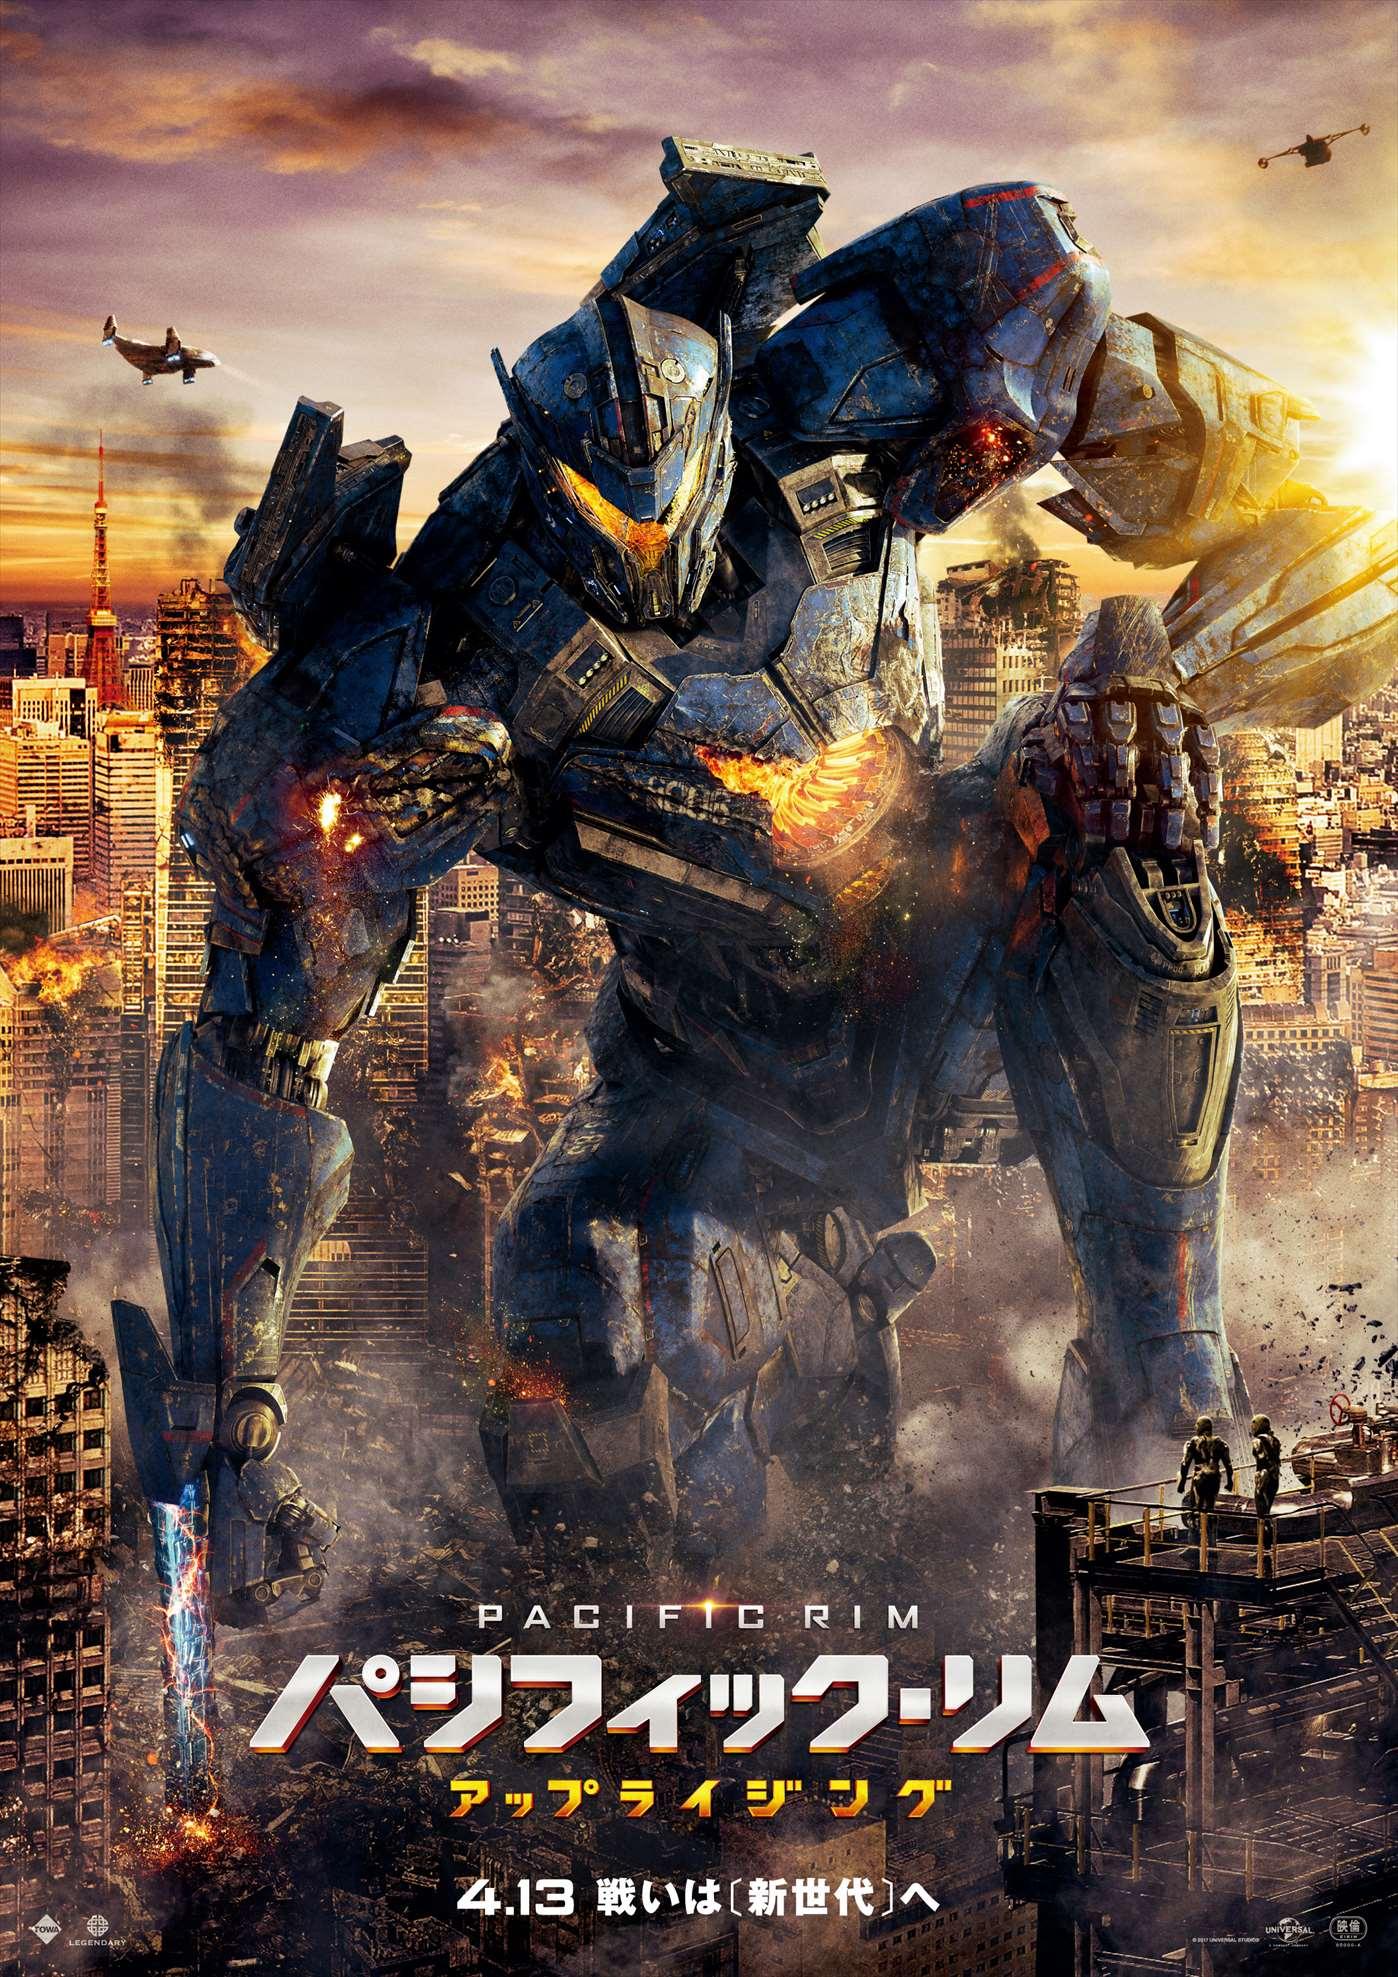 『GODZILLA 決戦機動増殖都市』×『パシフィック・リム:アップライジング』コラボが実現! ゴジラVSイェーガ軍団のSPビジュアル公開-6